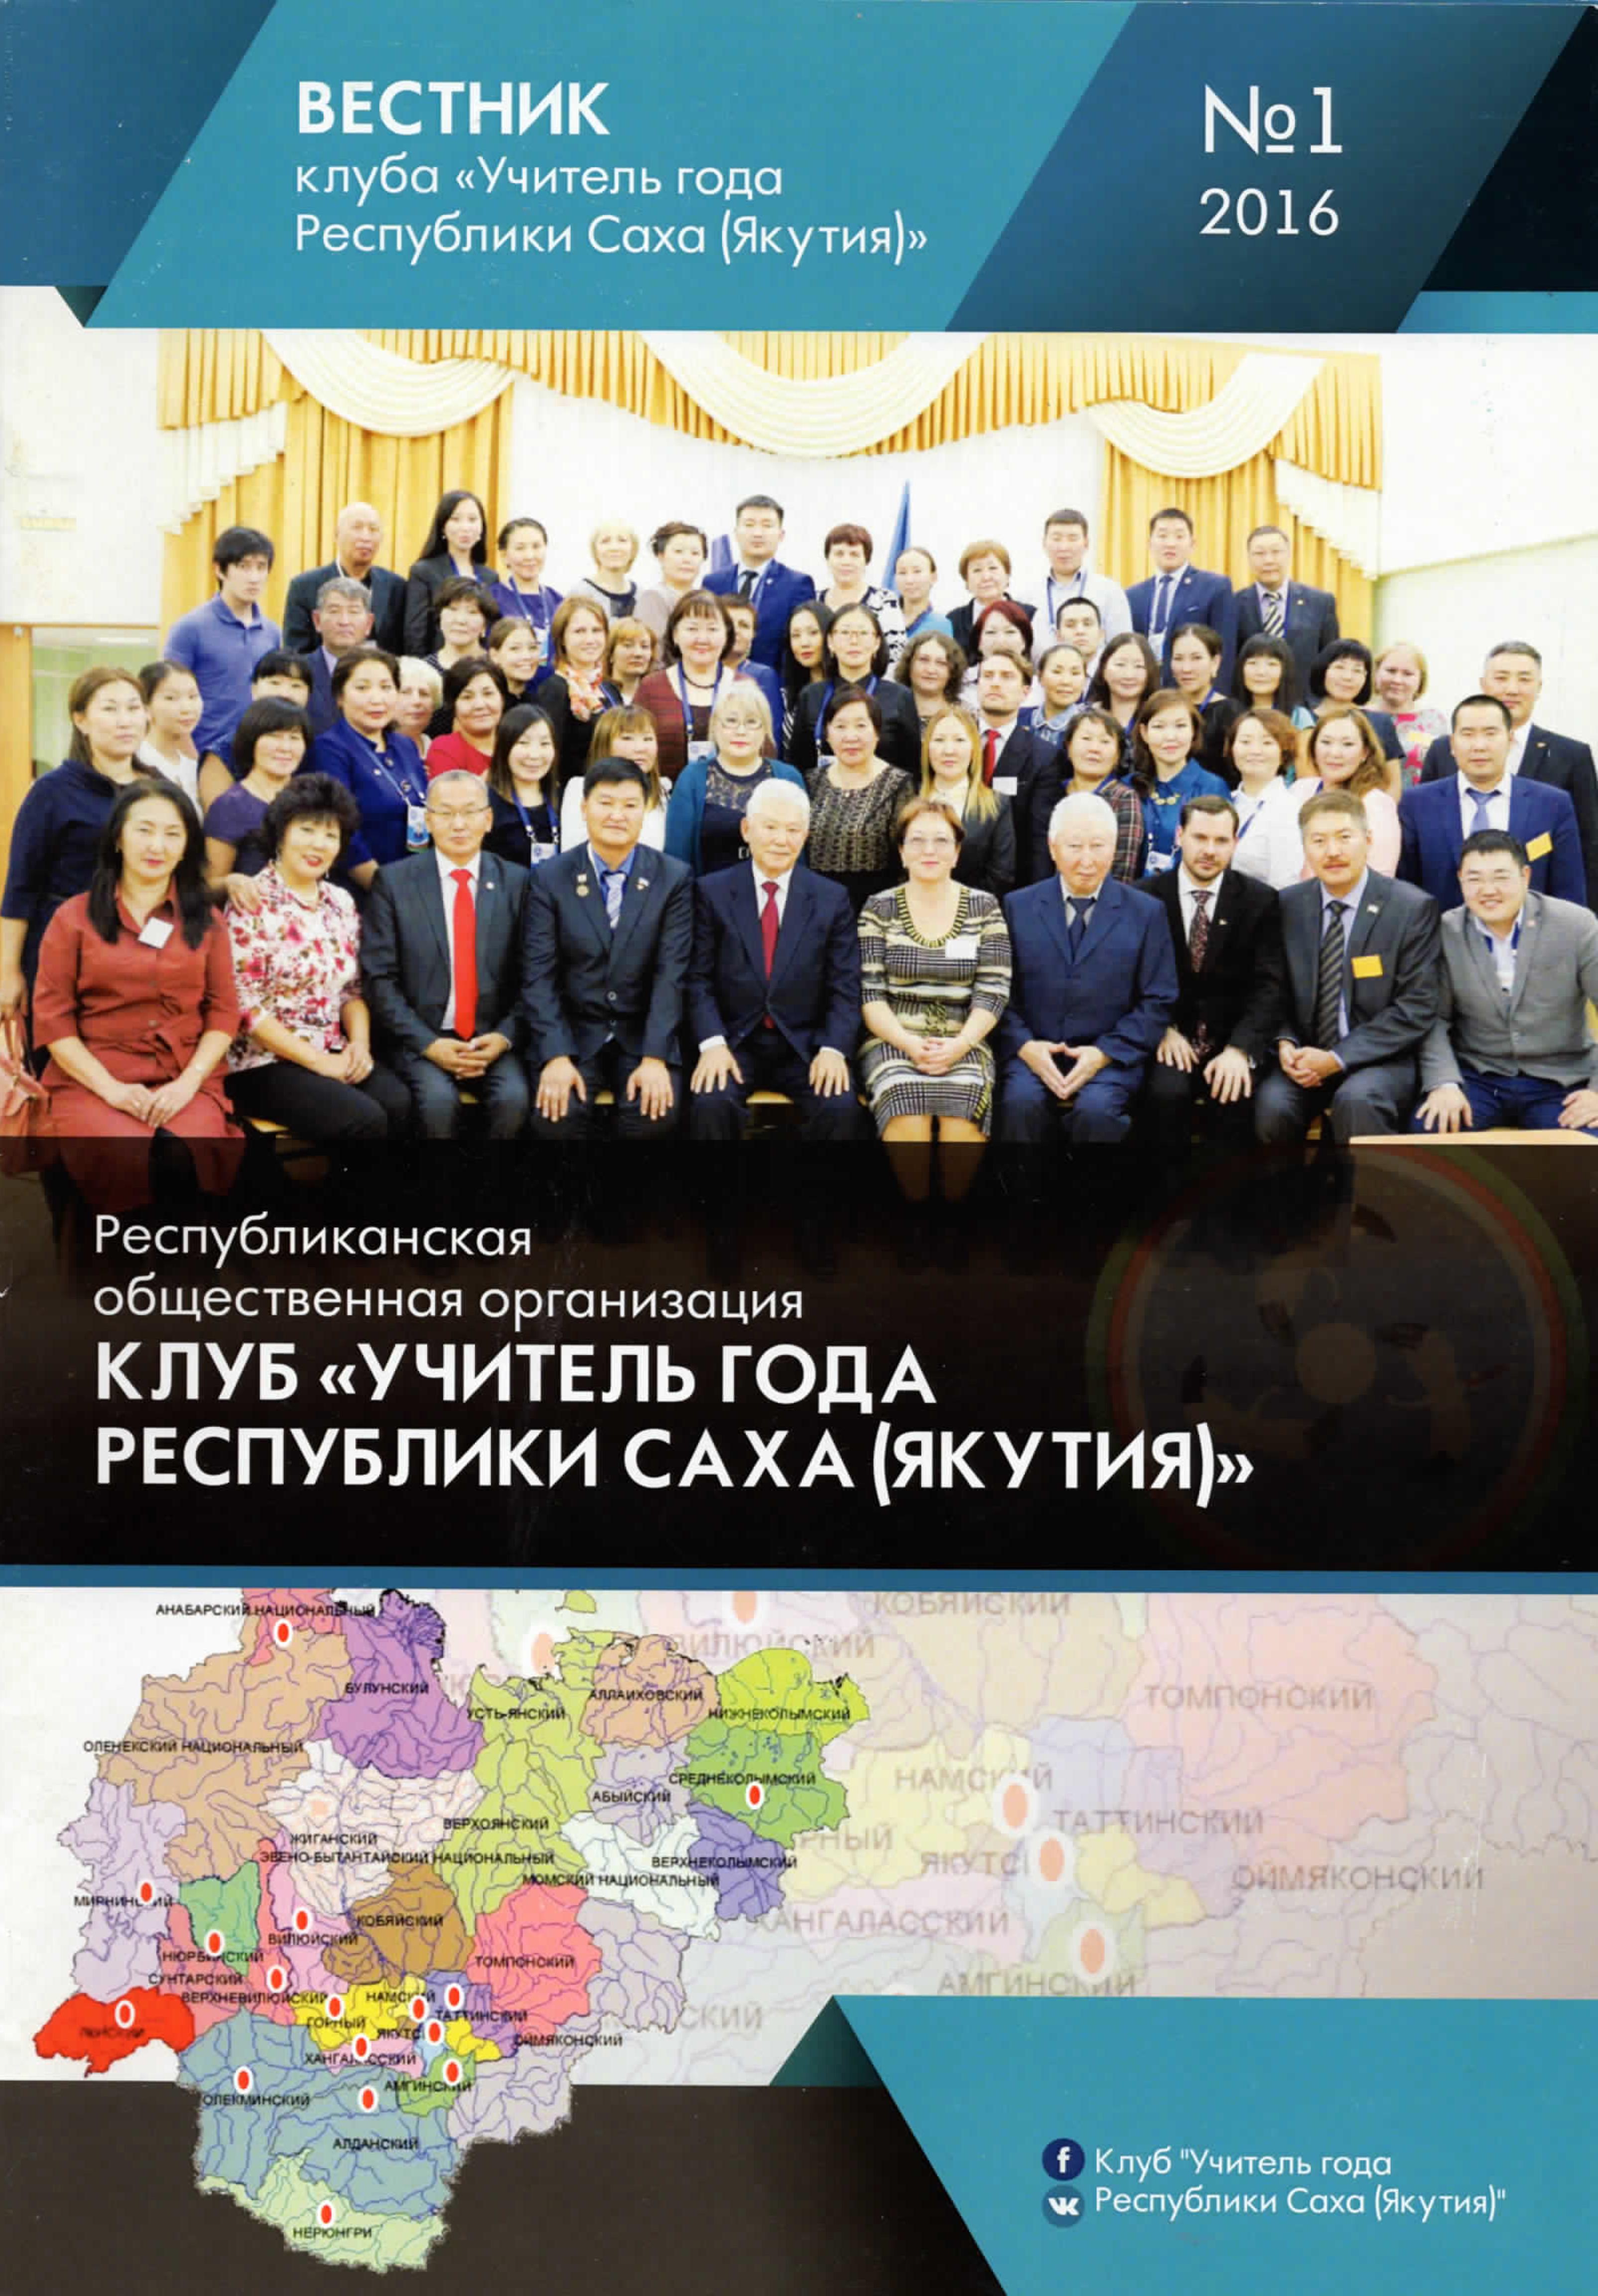 Вестник_2016_1